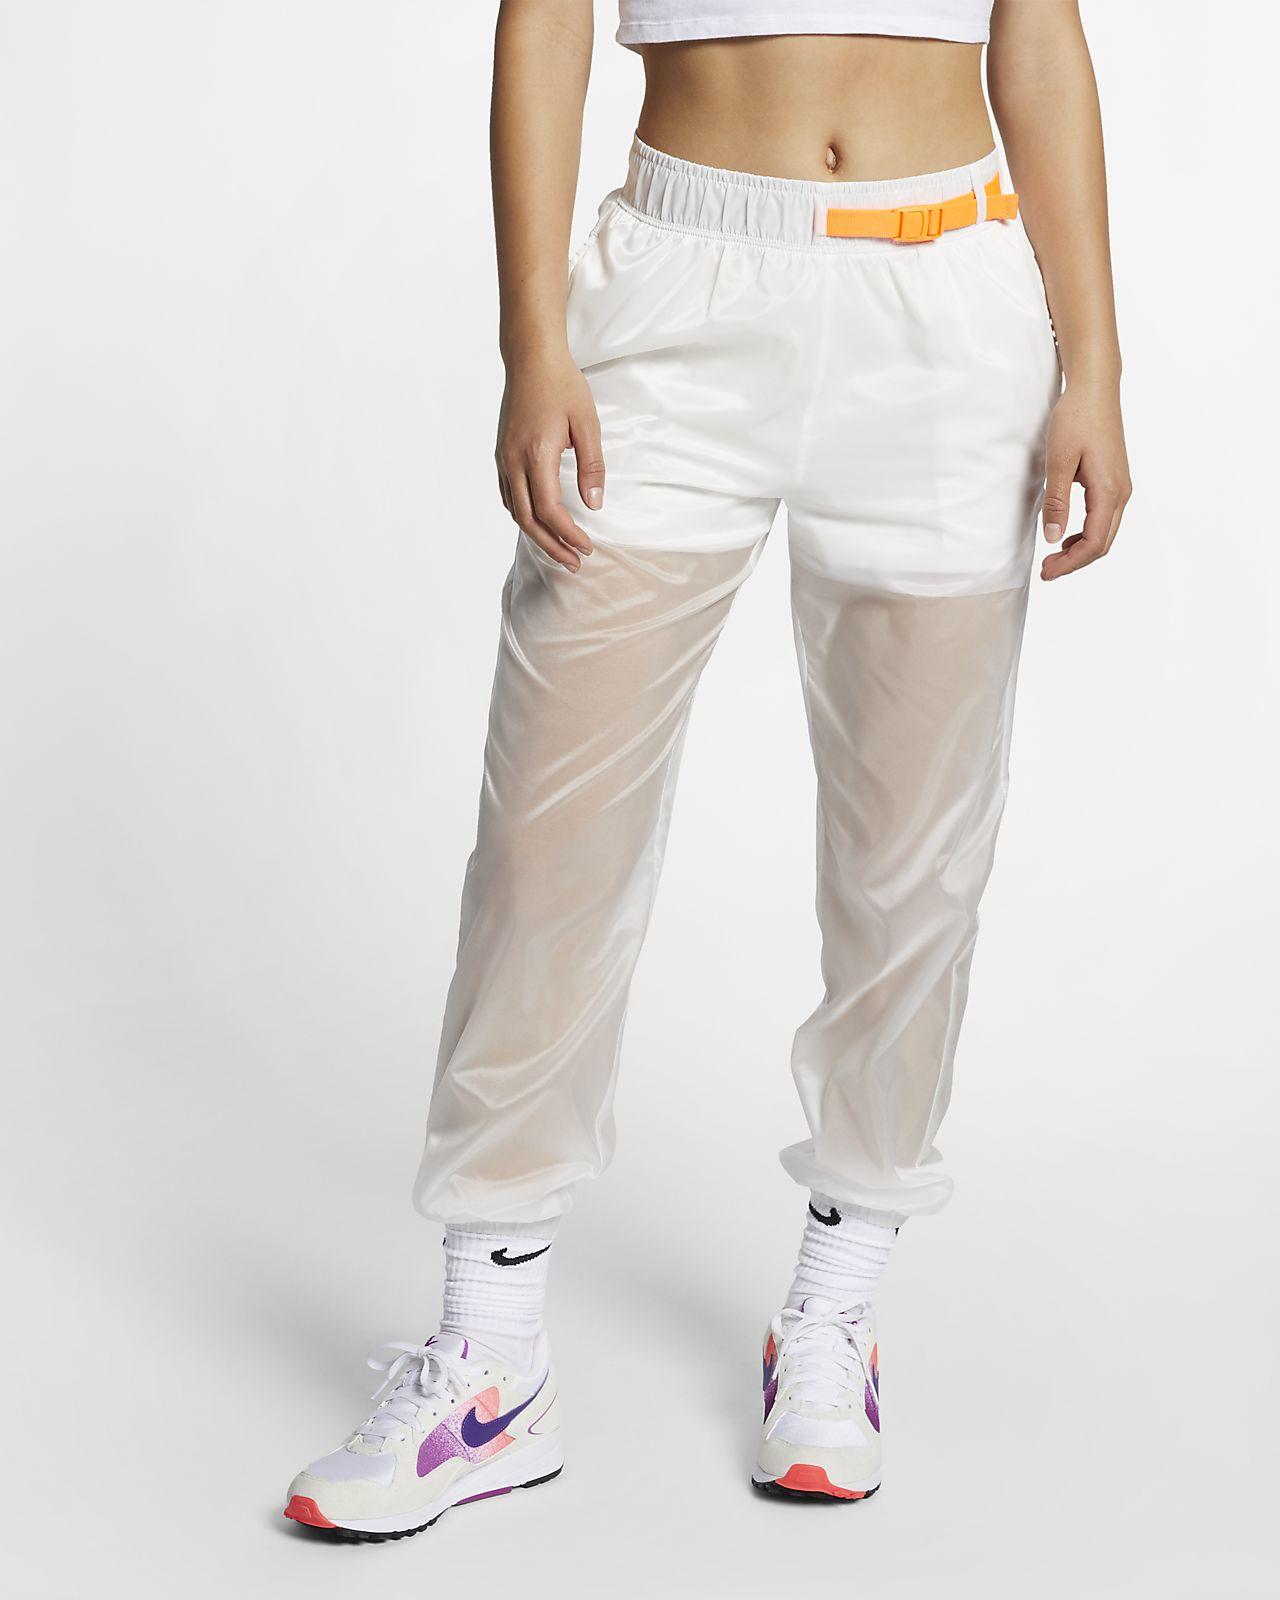 Nike Sportswear Tech Pack Damen Webhose